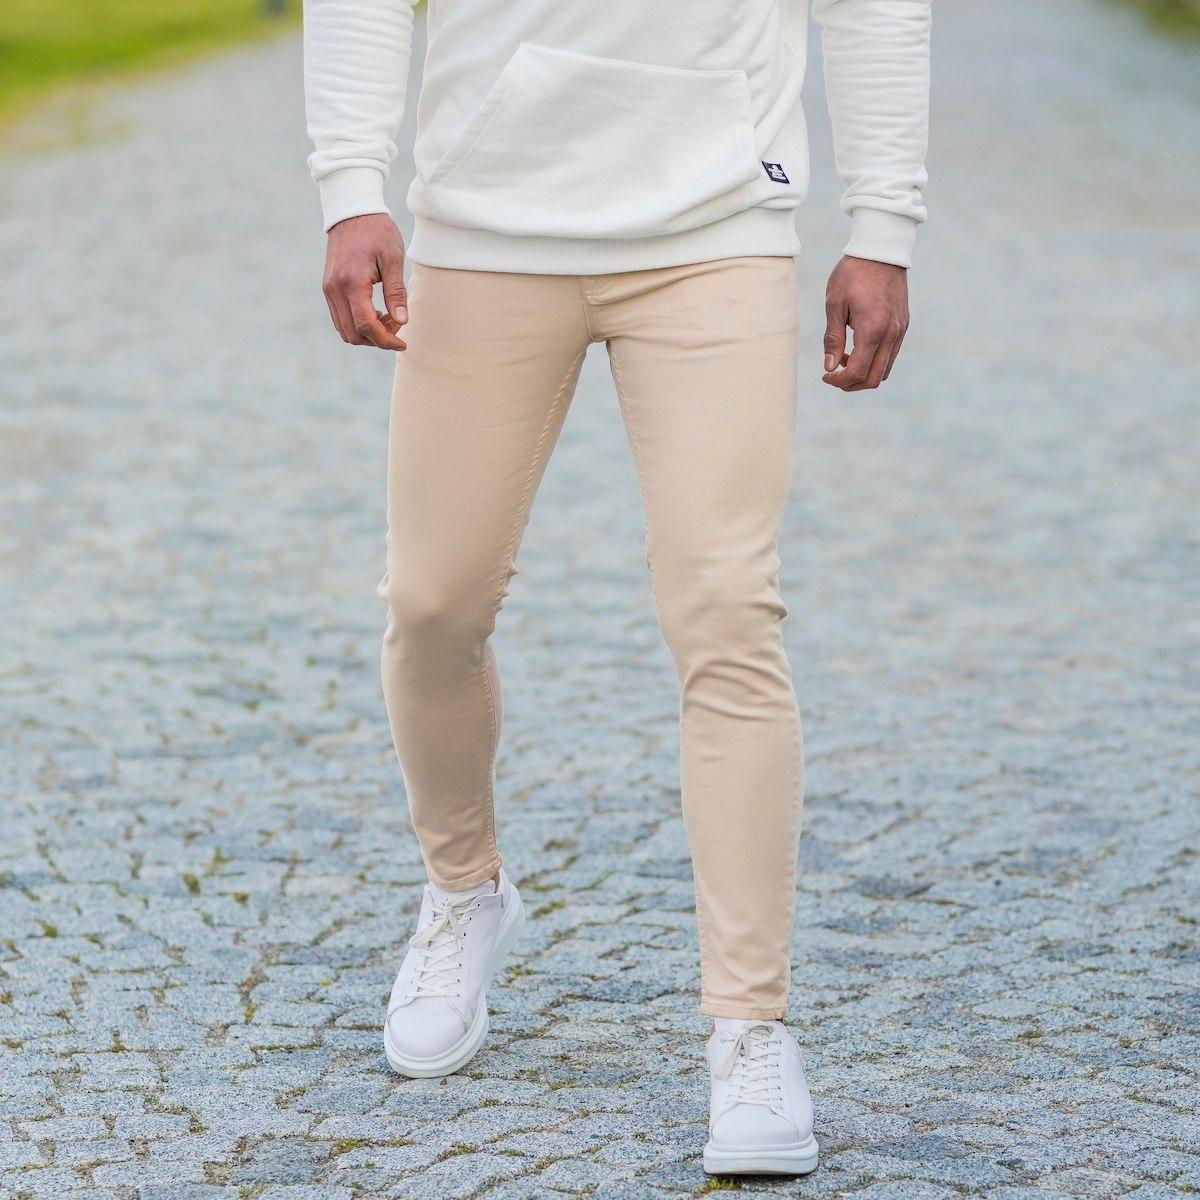 Men's Basic Skinny Jeans In Latte